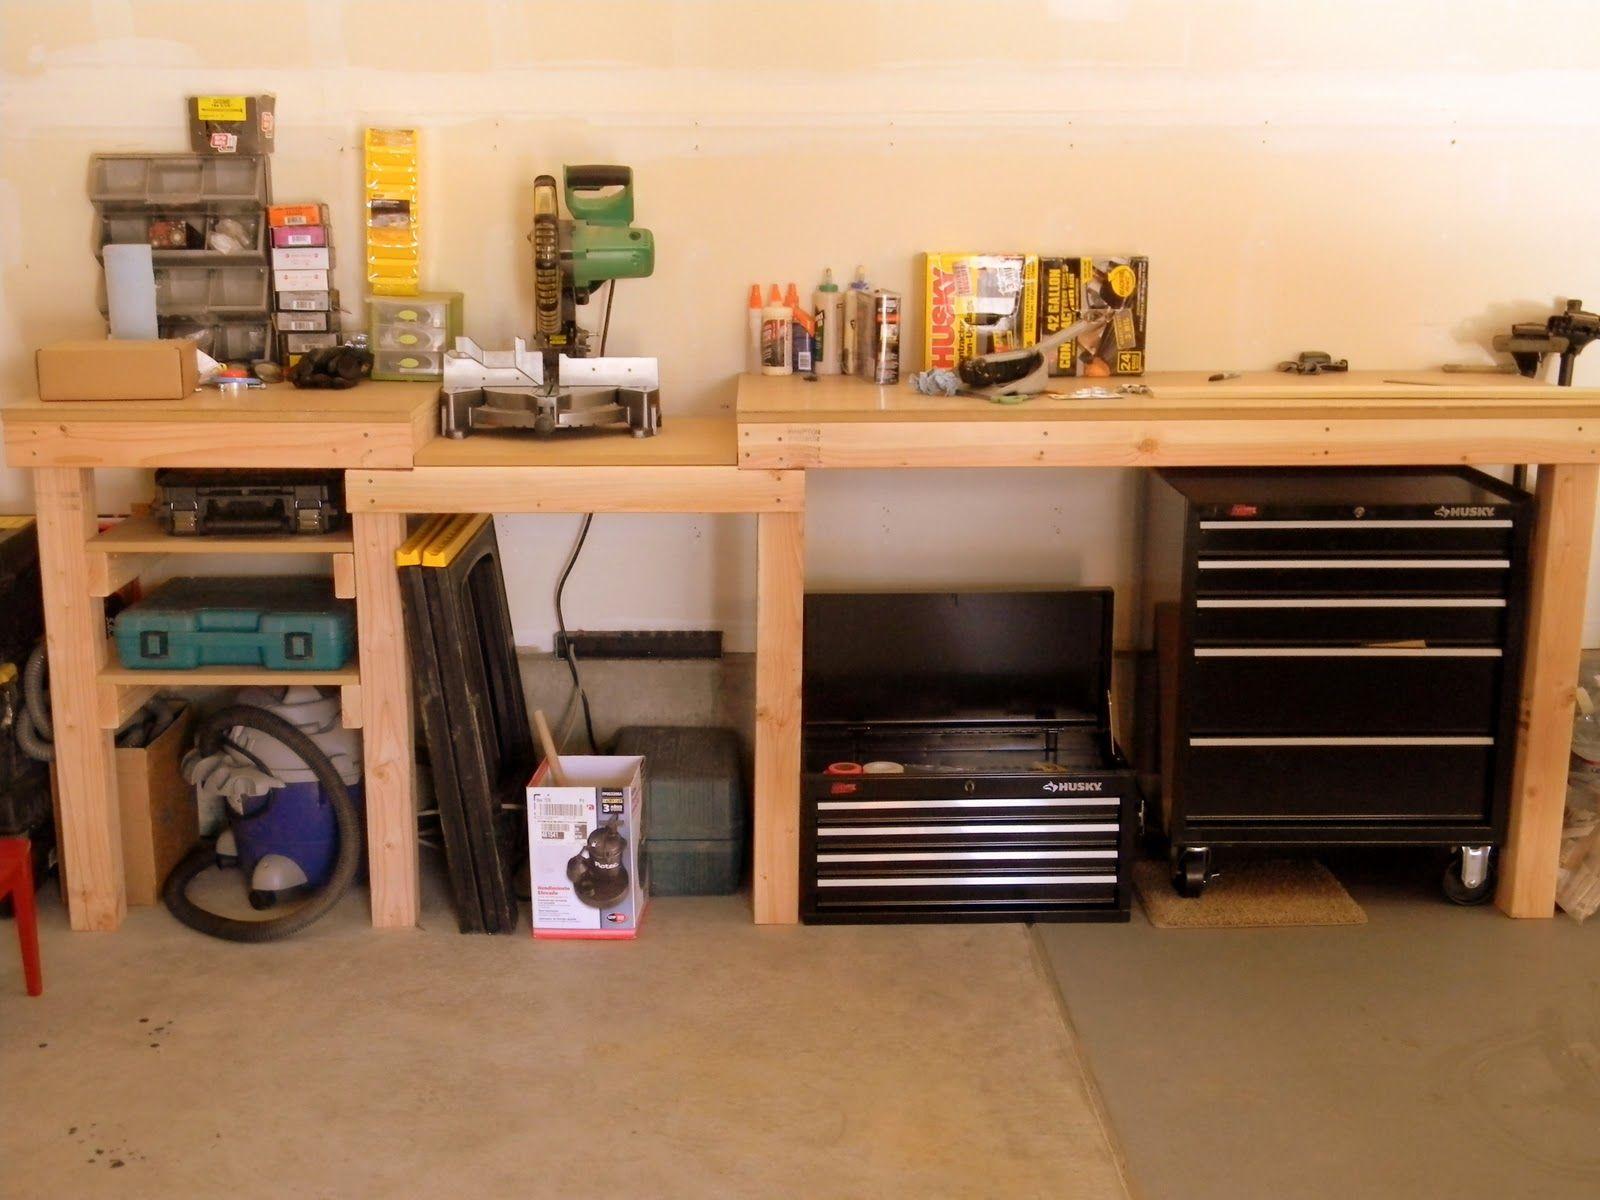 Dscn2161 Jpg 1 600 1 200 Pixels Garage Workbench Plans Garage Work Bench Tool Storage Diy